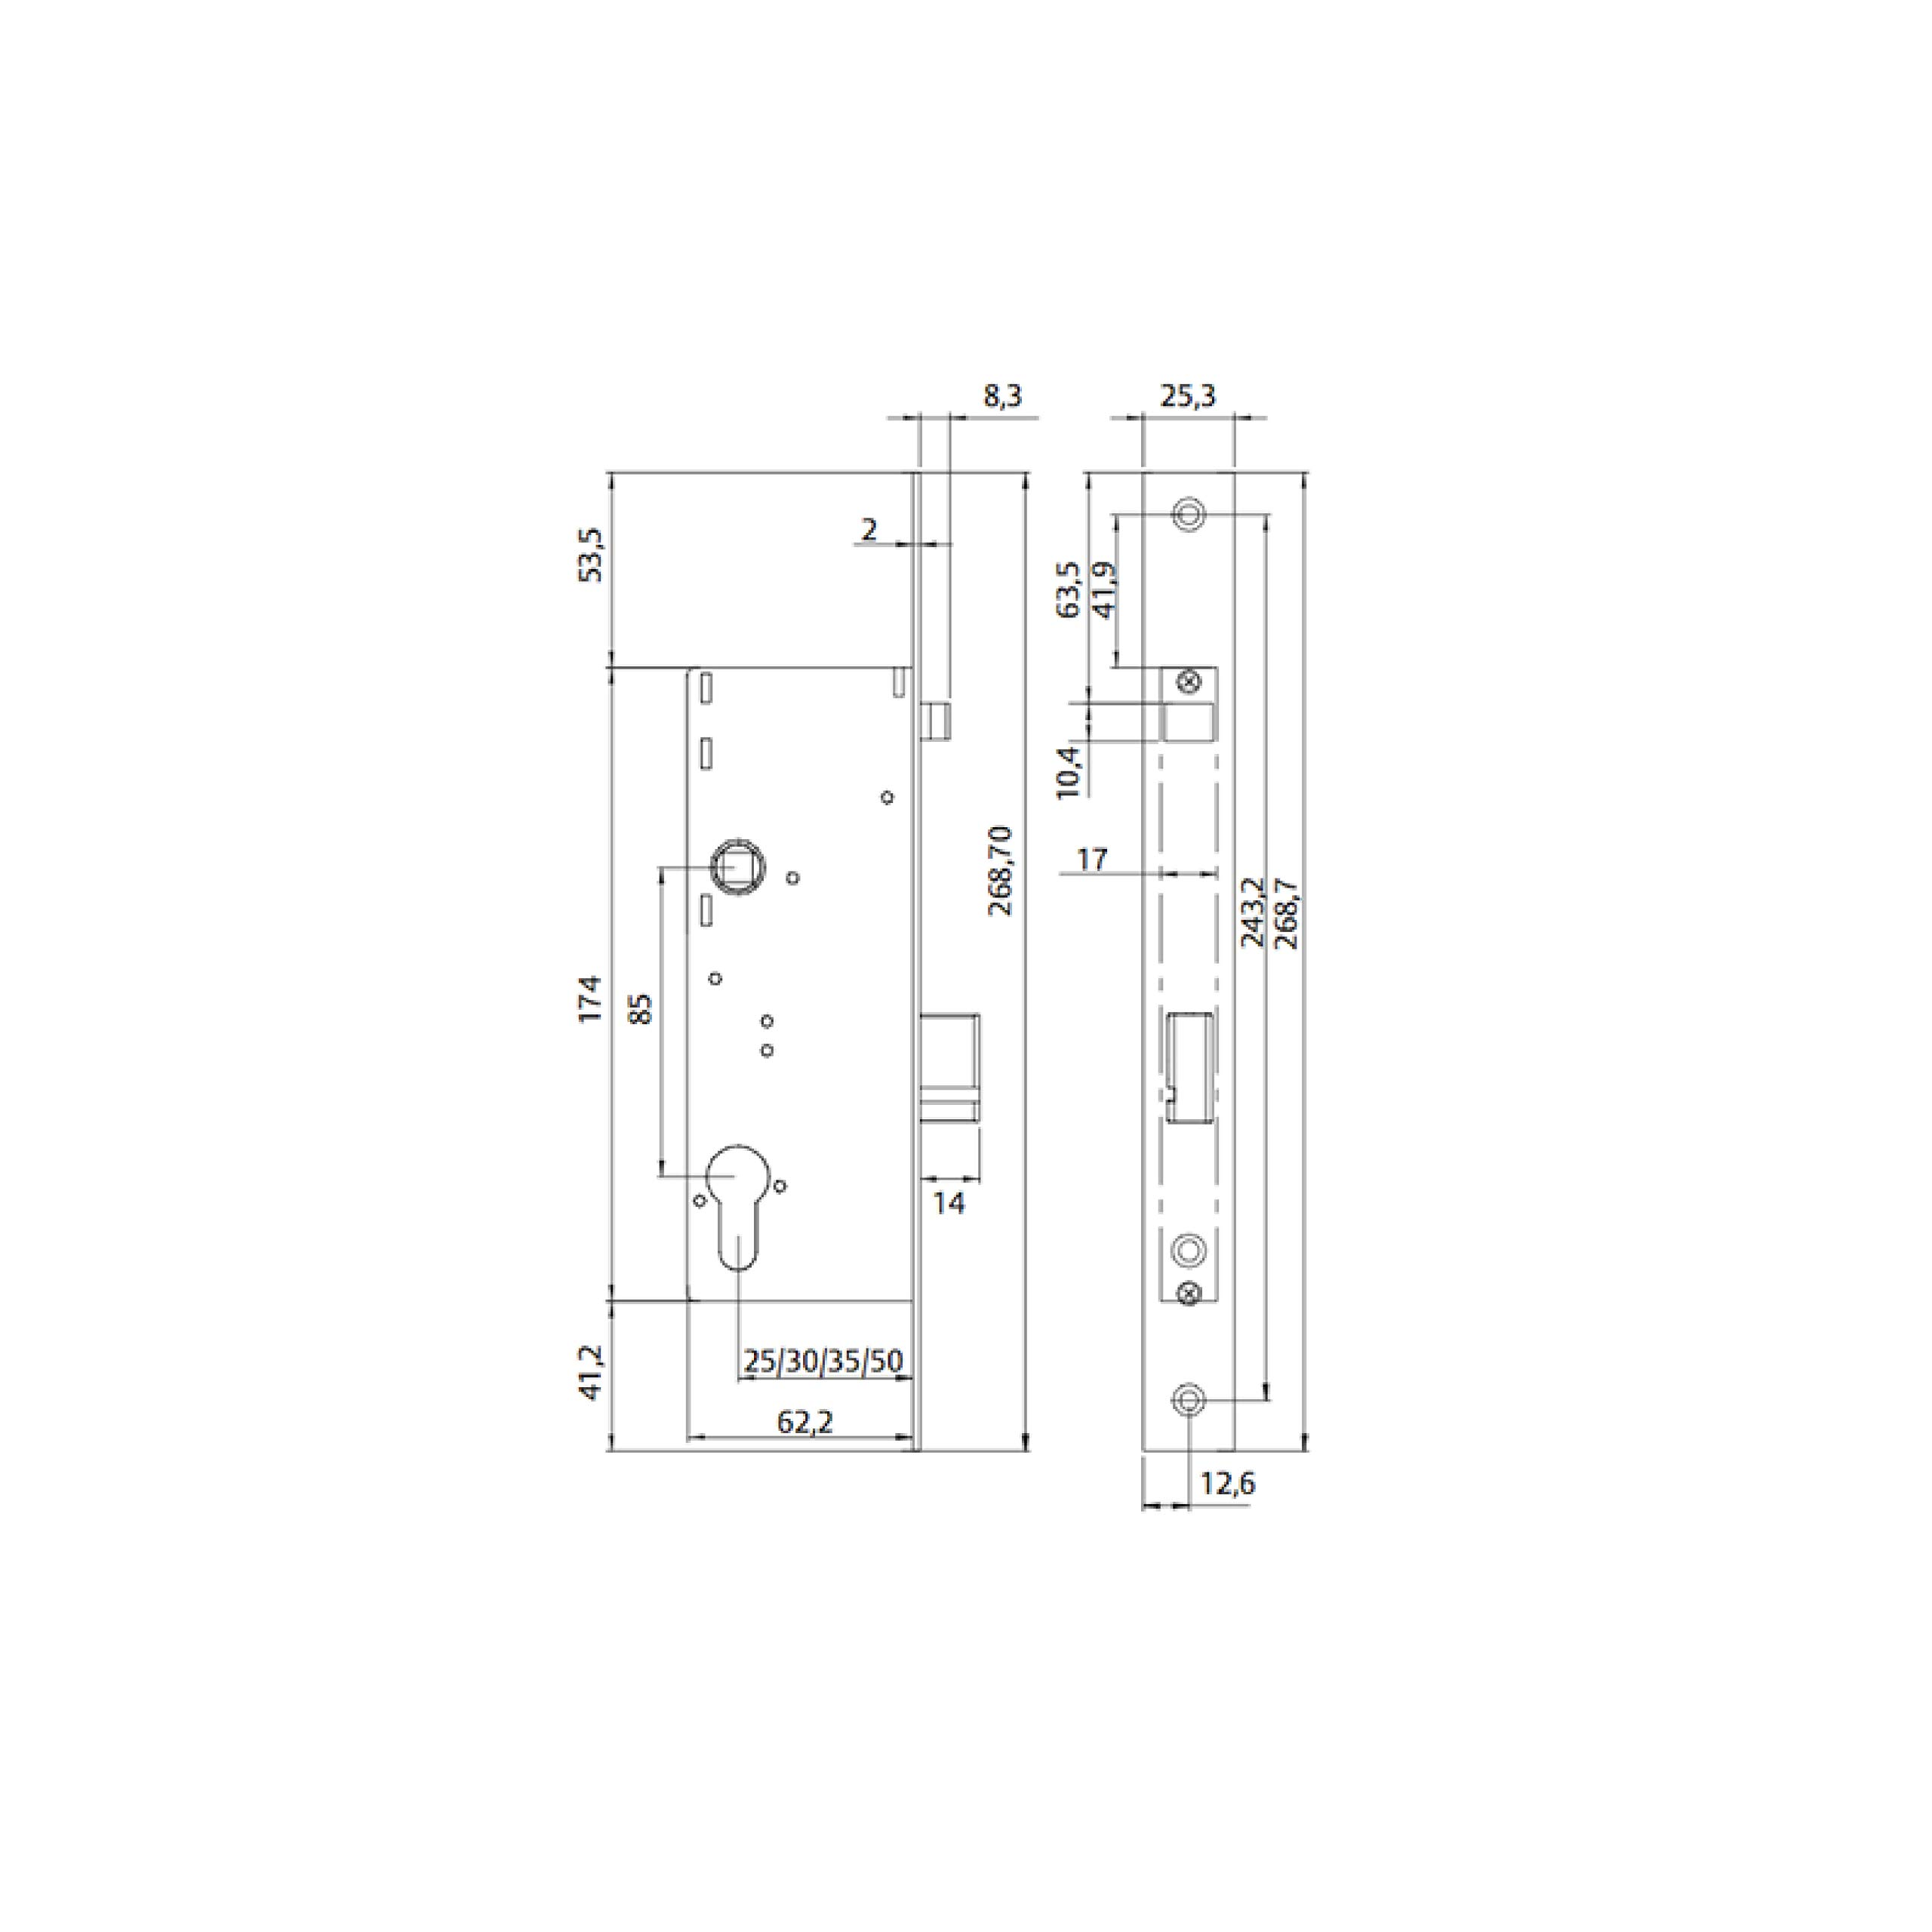 Tesa Assa Abloy TCP35 Cerradura Eléctrica de Portal TCP 35, Acero Inoxidable, Entrada 35 mm: Amazon.es: Bricolaje y herramientas